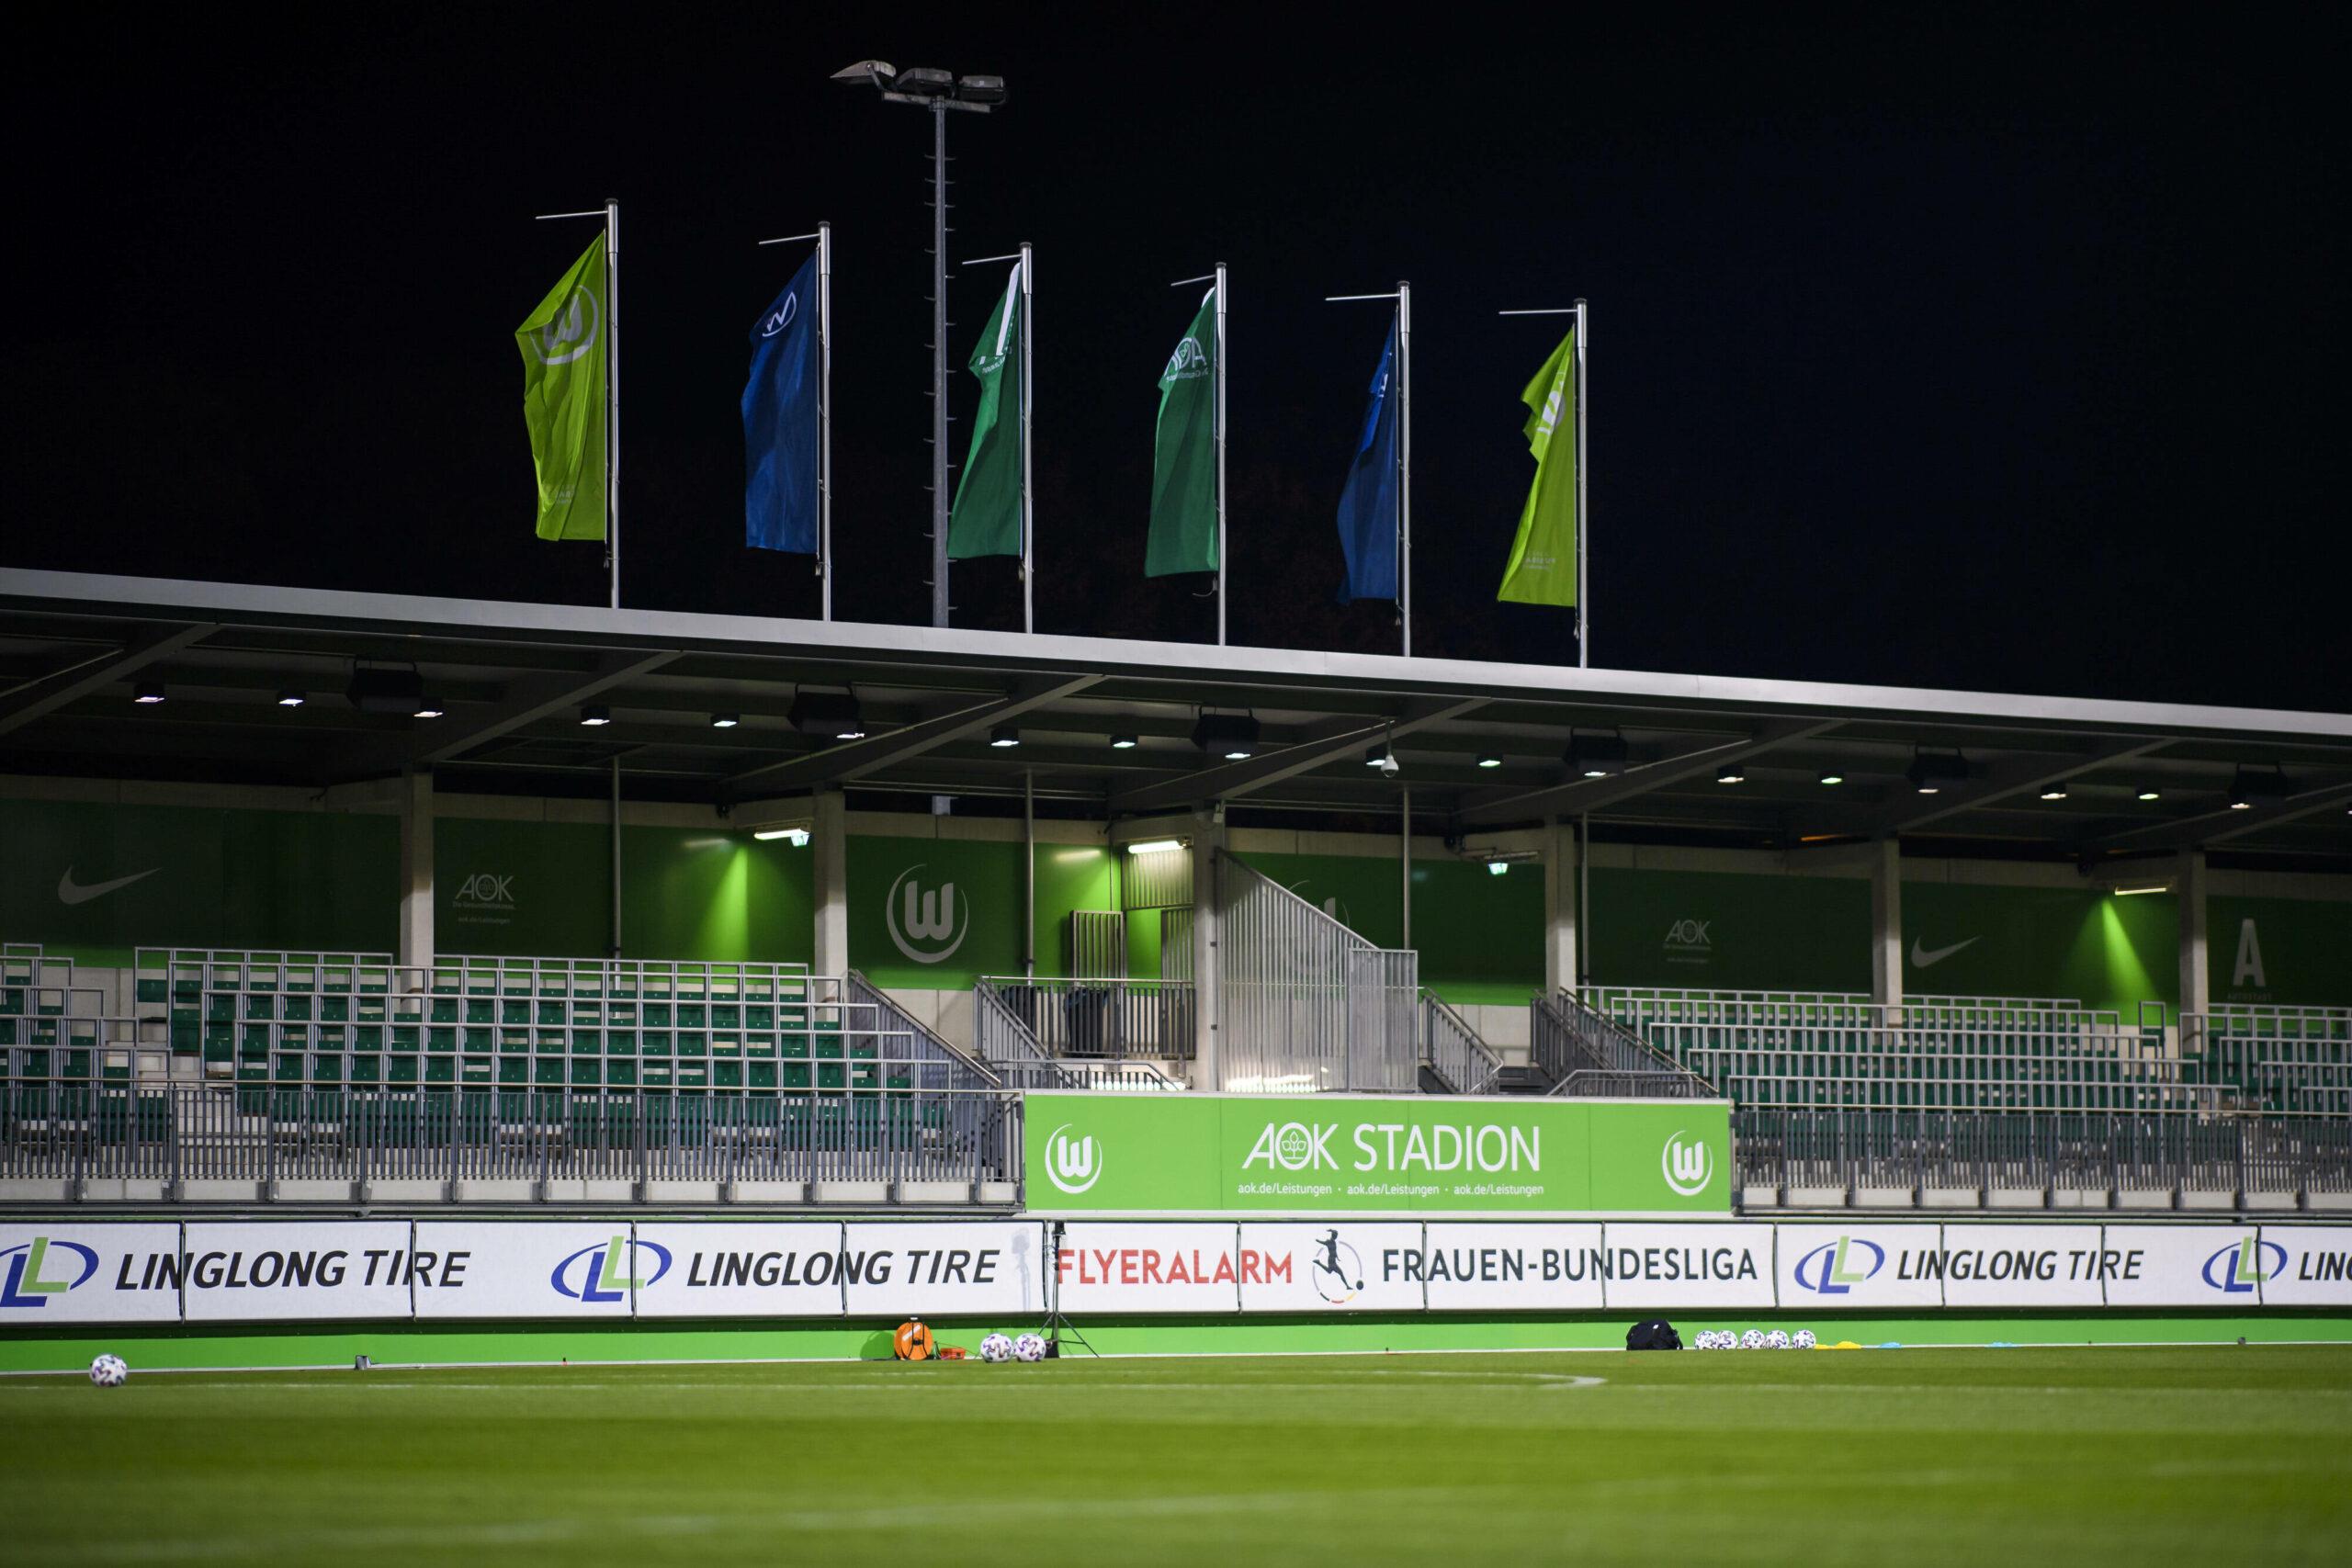 VfL Wolfsburg St. Pölten